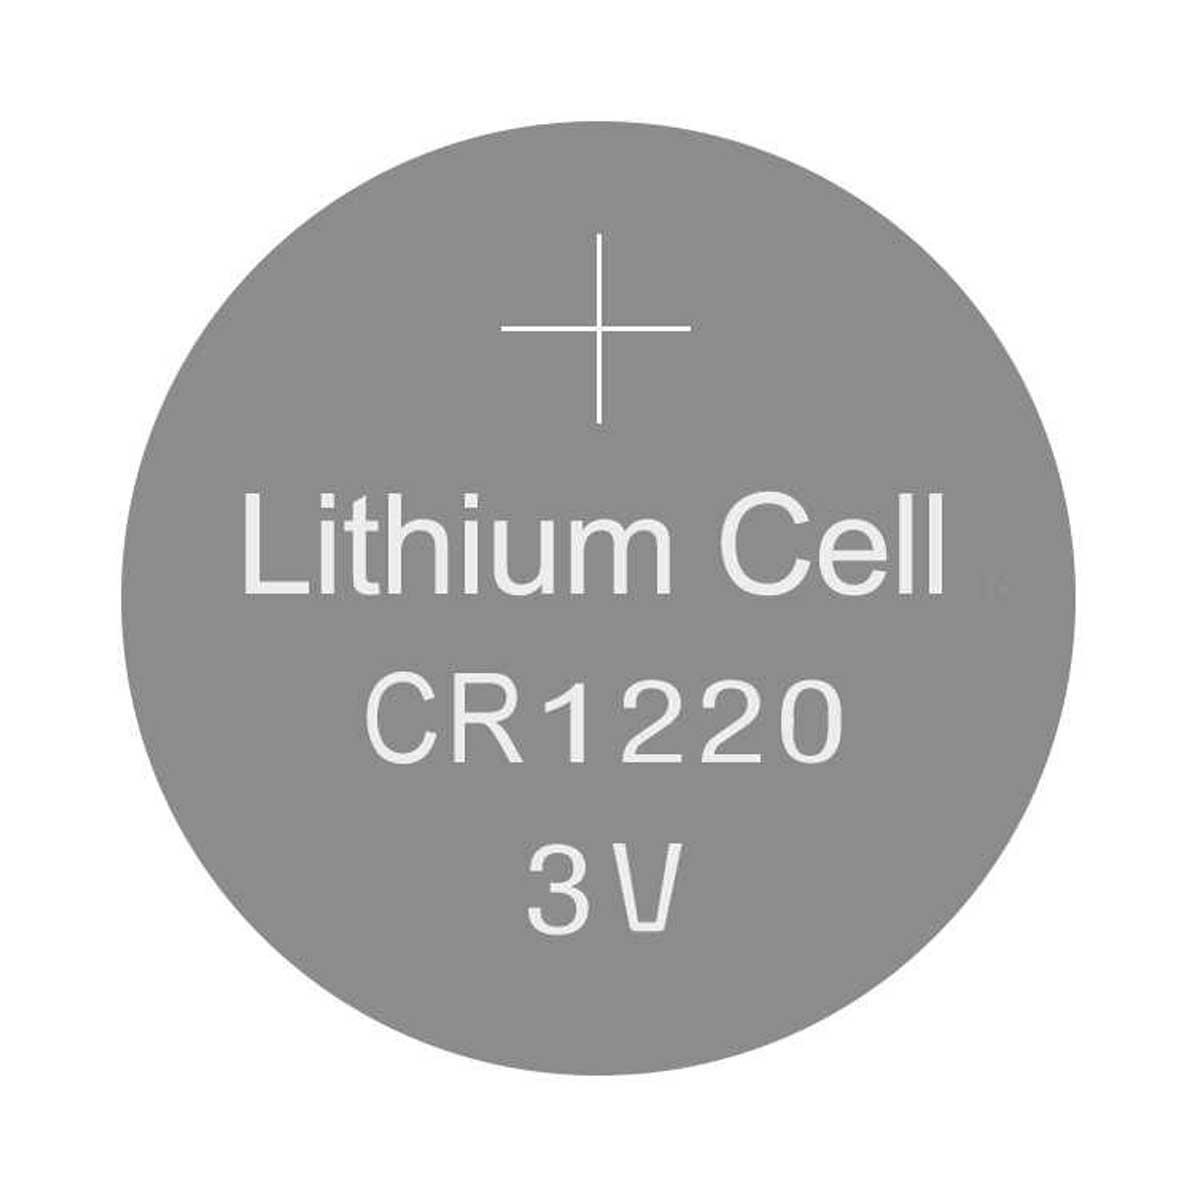 Bateria CR1220 3V de Lithium / Pilha CR1220